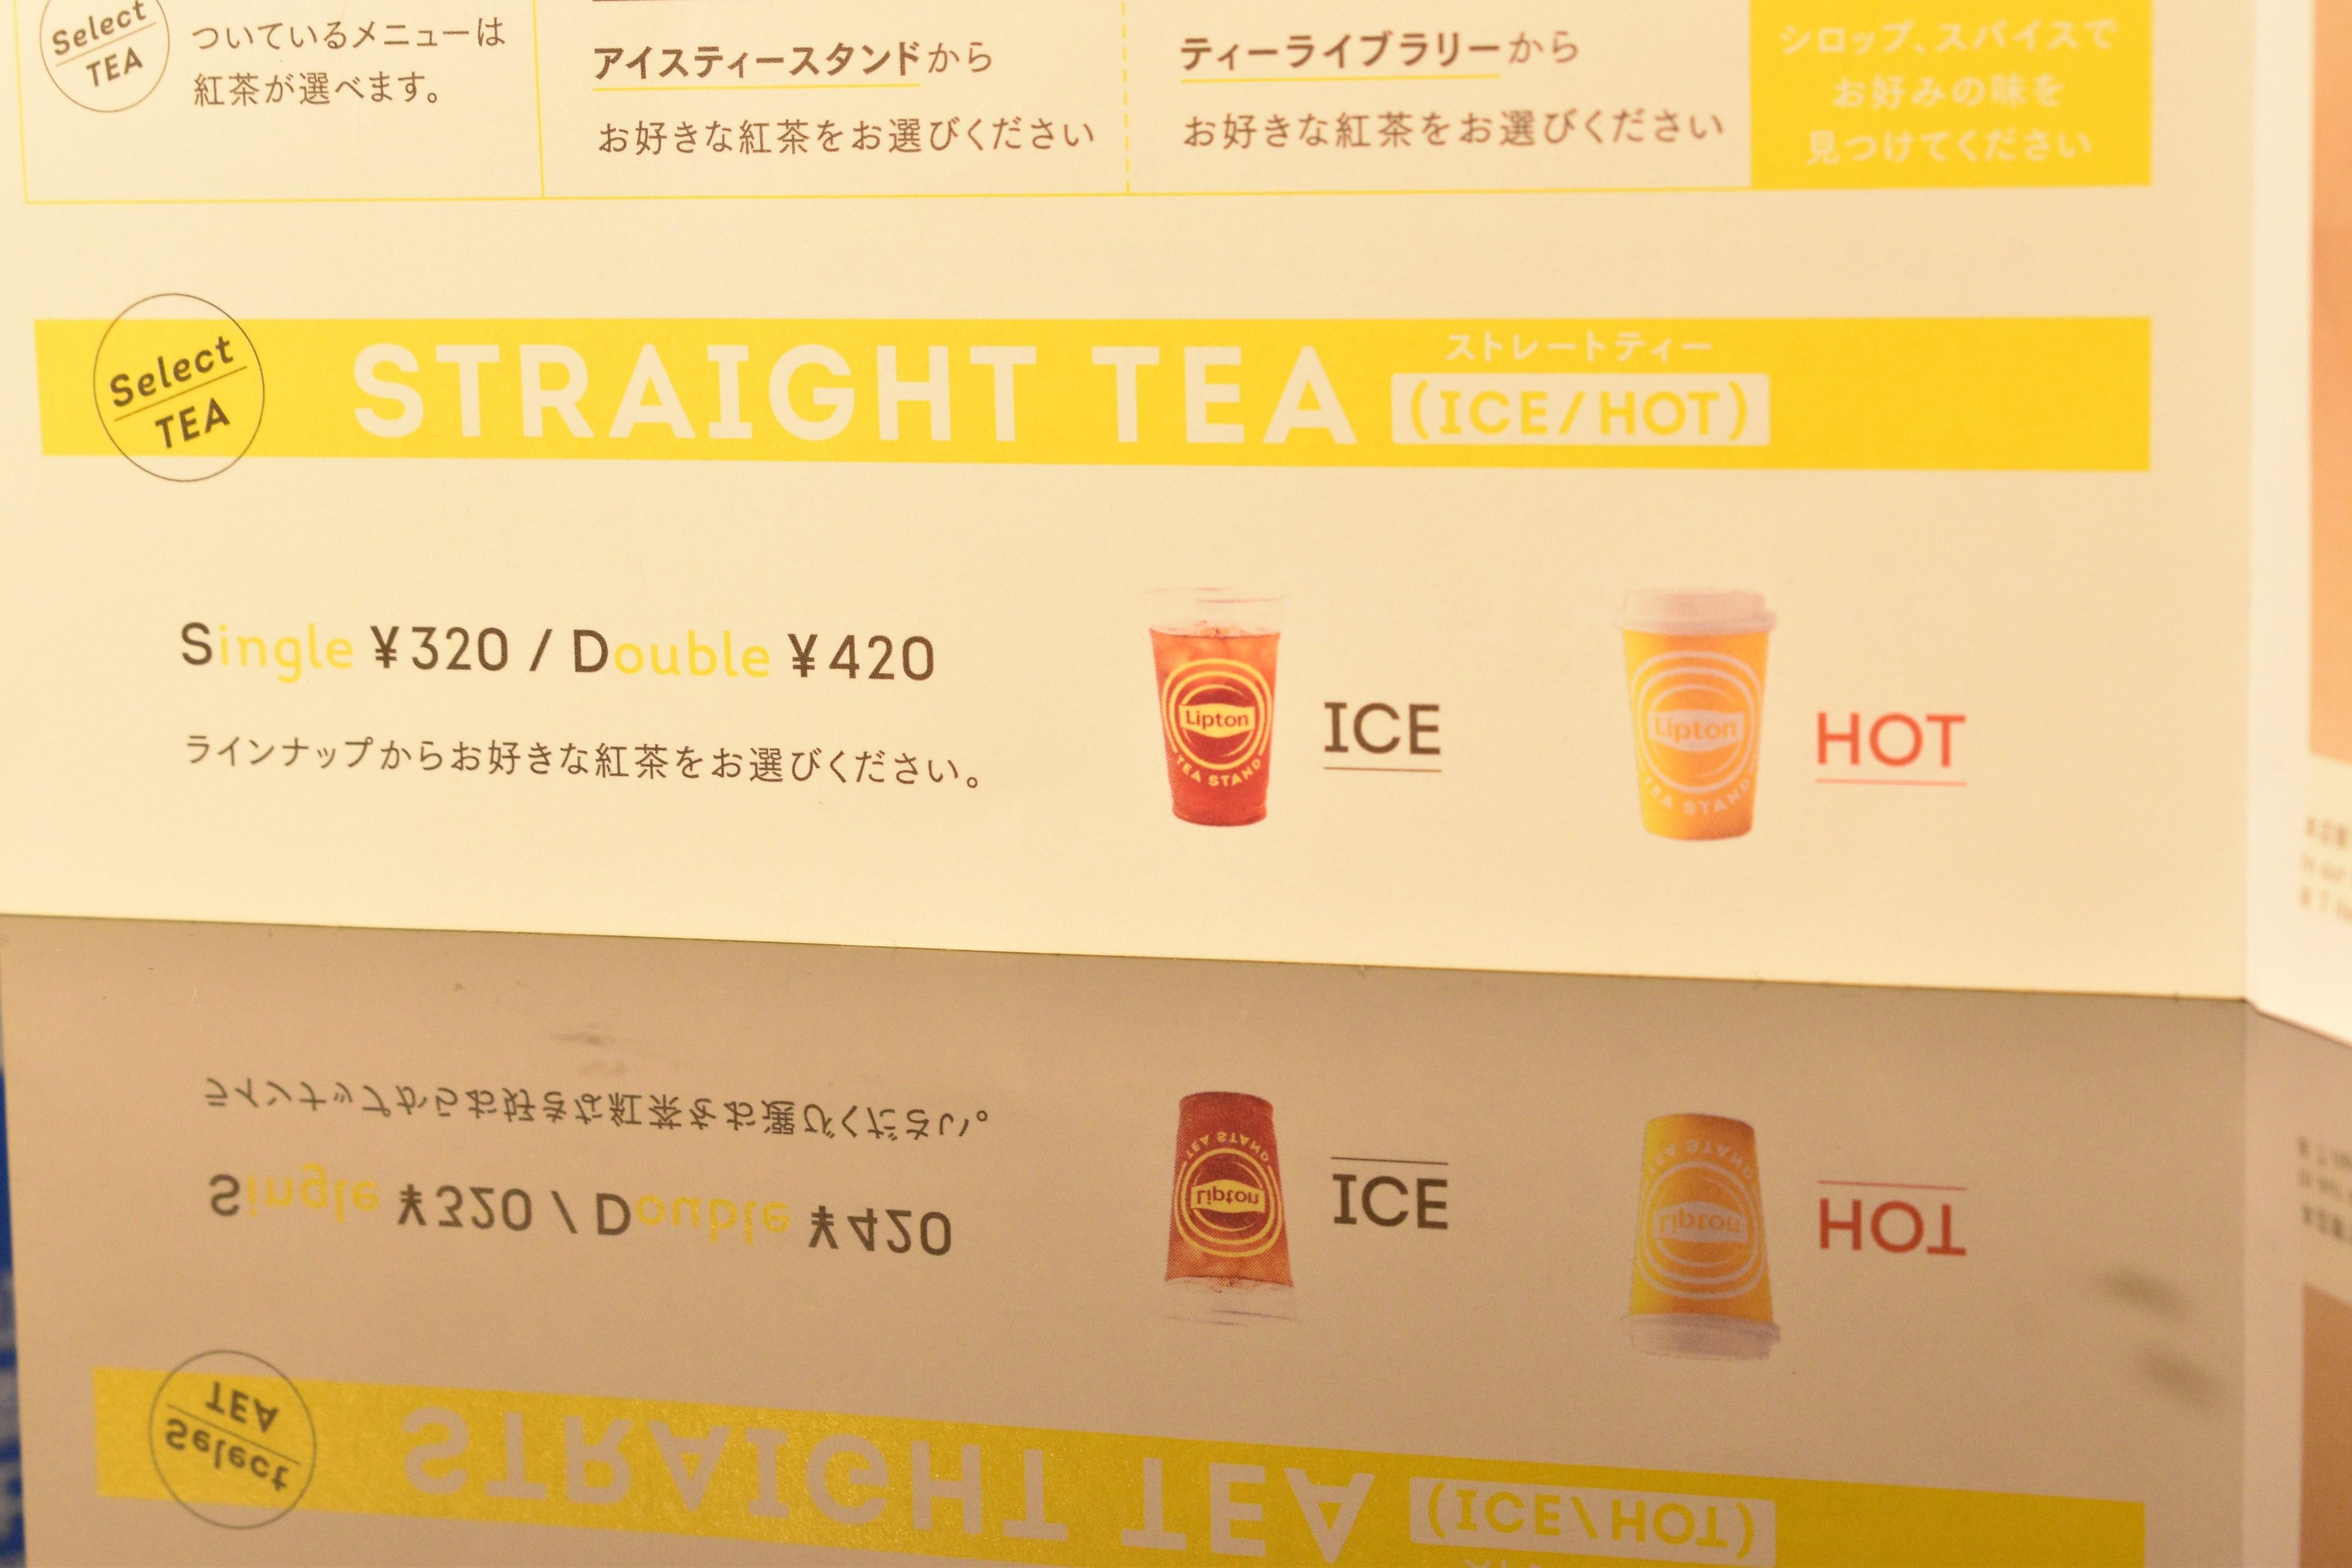 あなたの毎日に紅茶のある暮らしを提案「Lipton TEA STAND」 - s DSC 0598